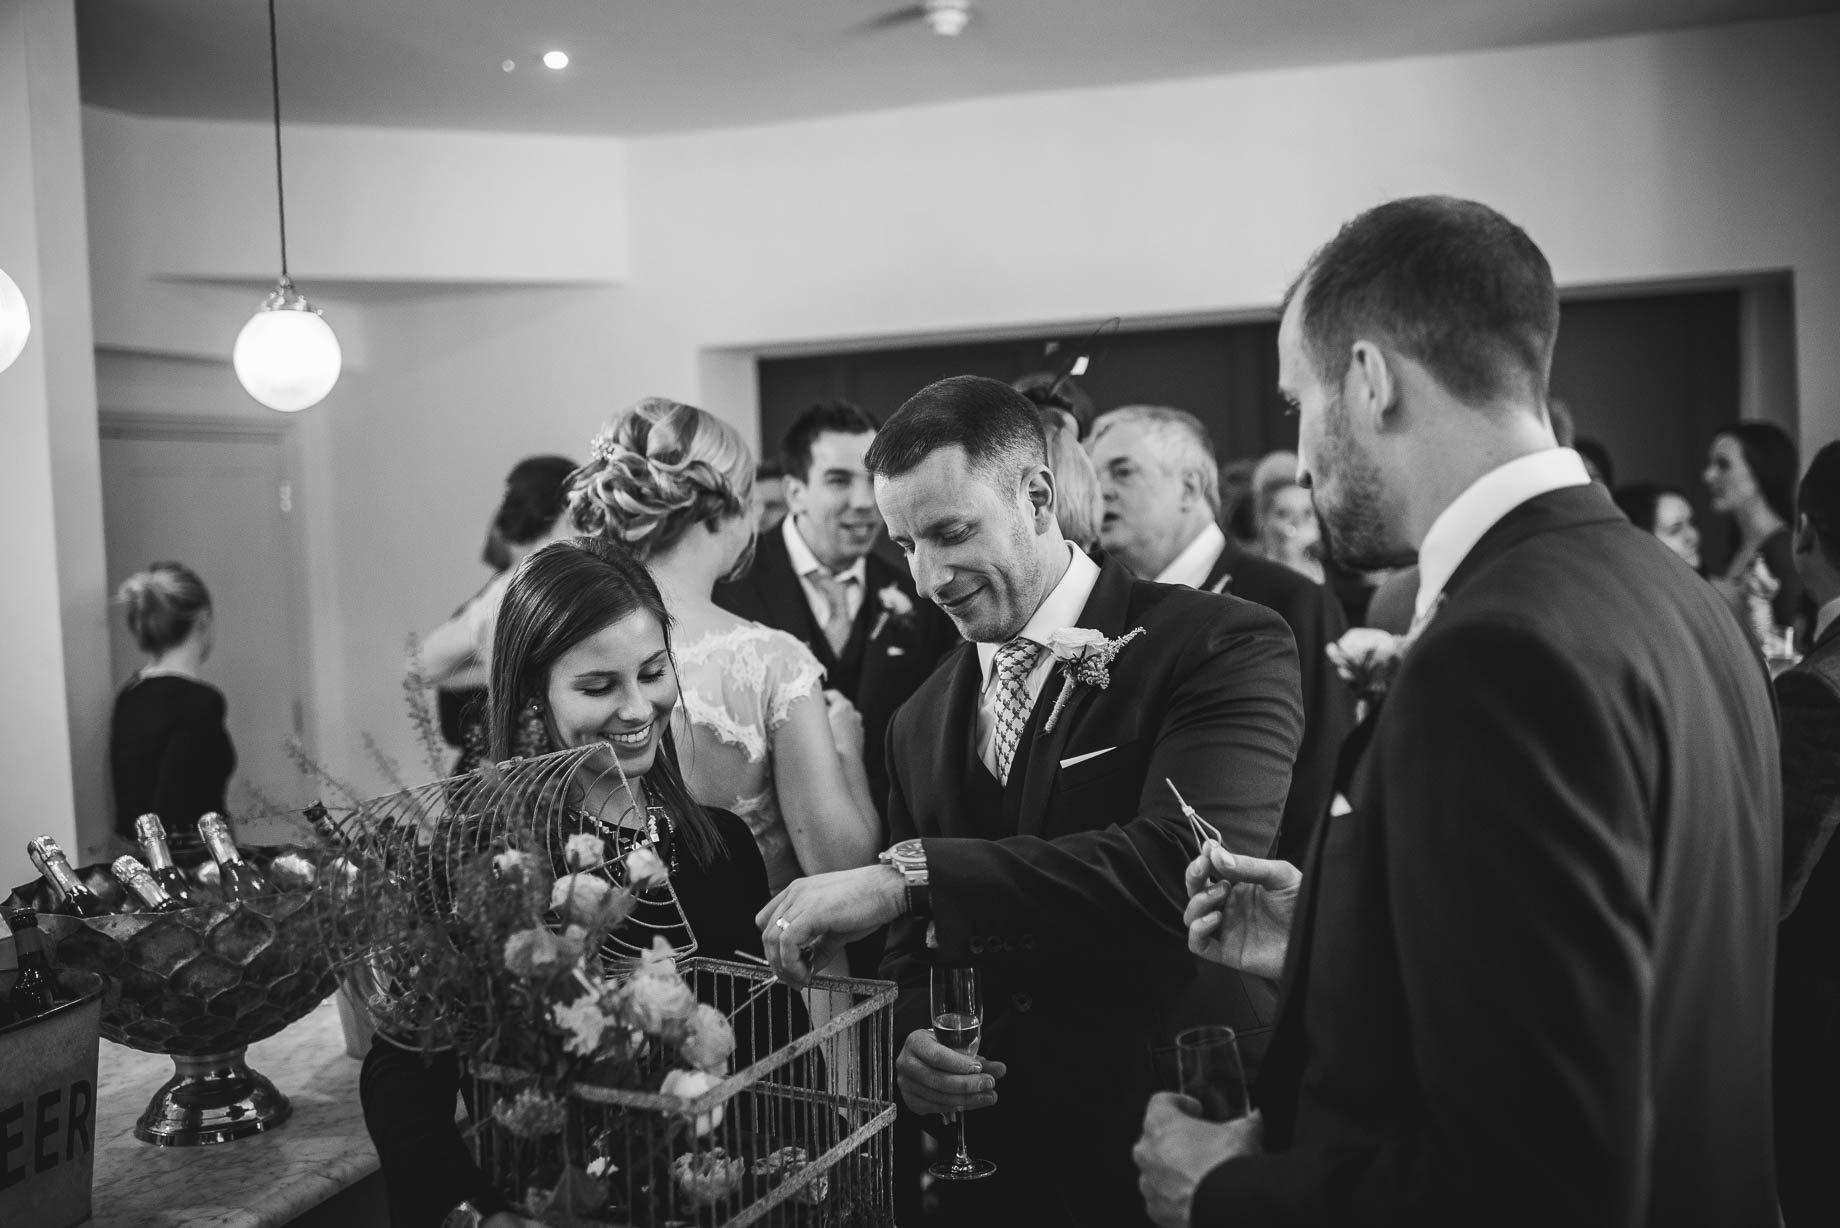 Millbridge Court Wedding Photography - Lisa and Daniel (82 of 173)